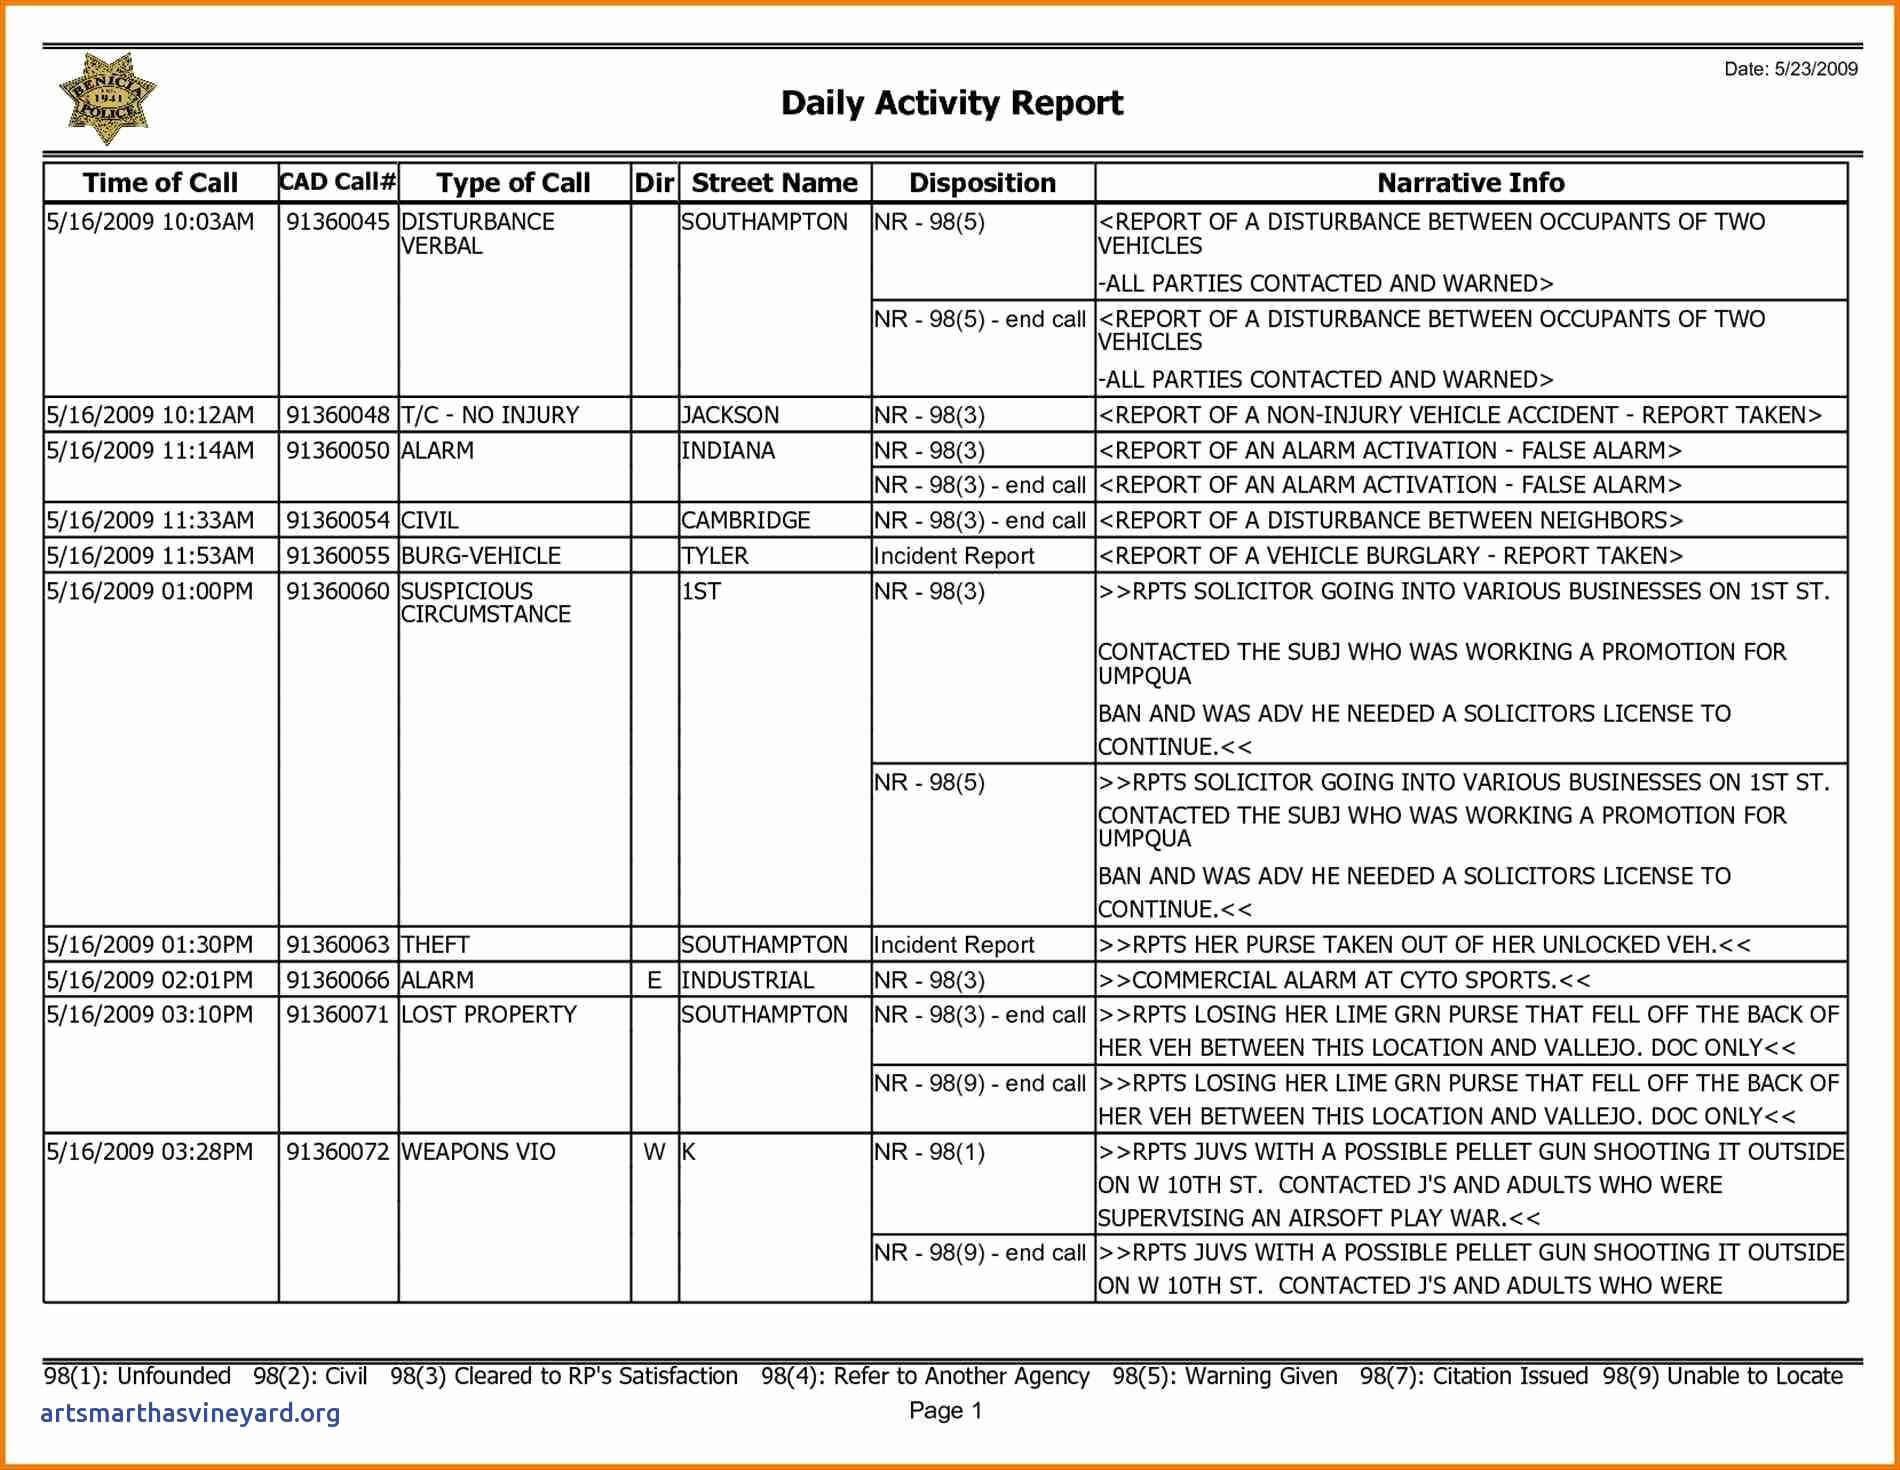 Weekly Activities Report Template | Dattstar with Weekly Activity Report Template